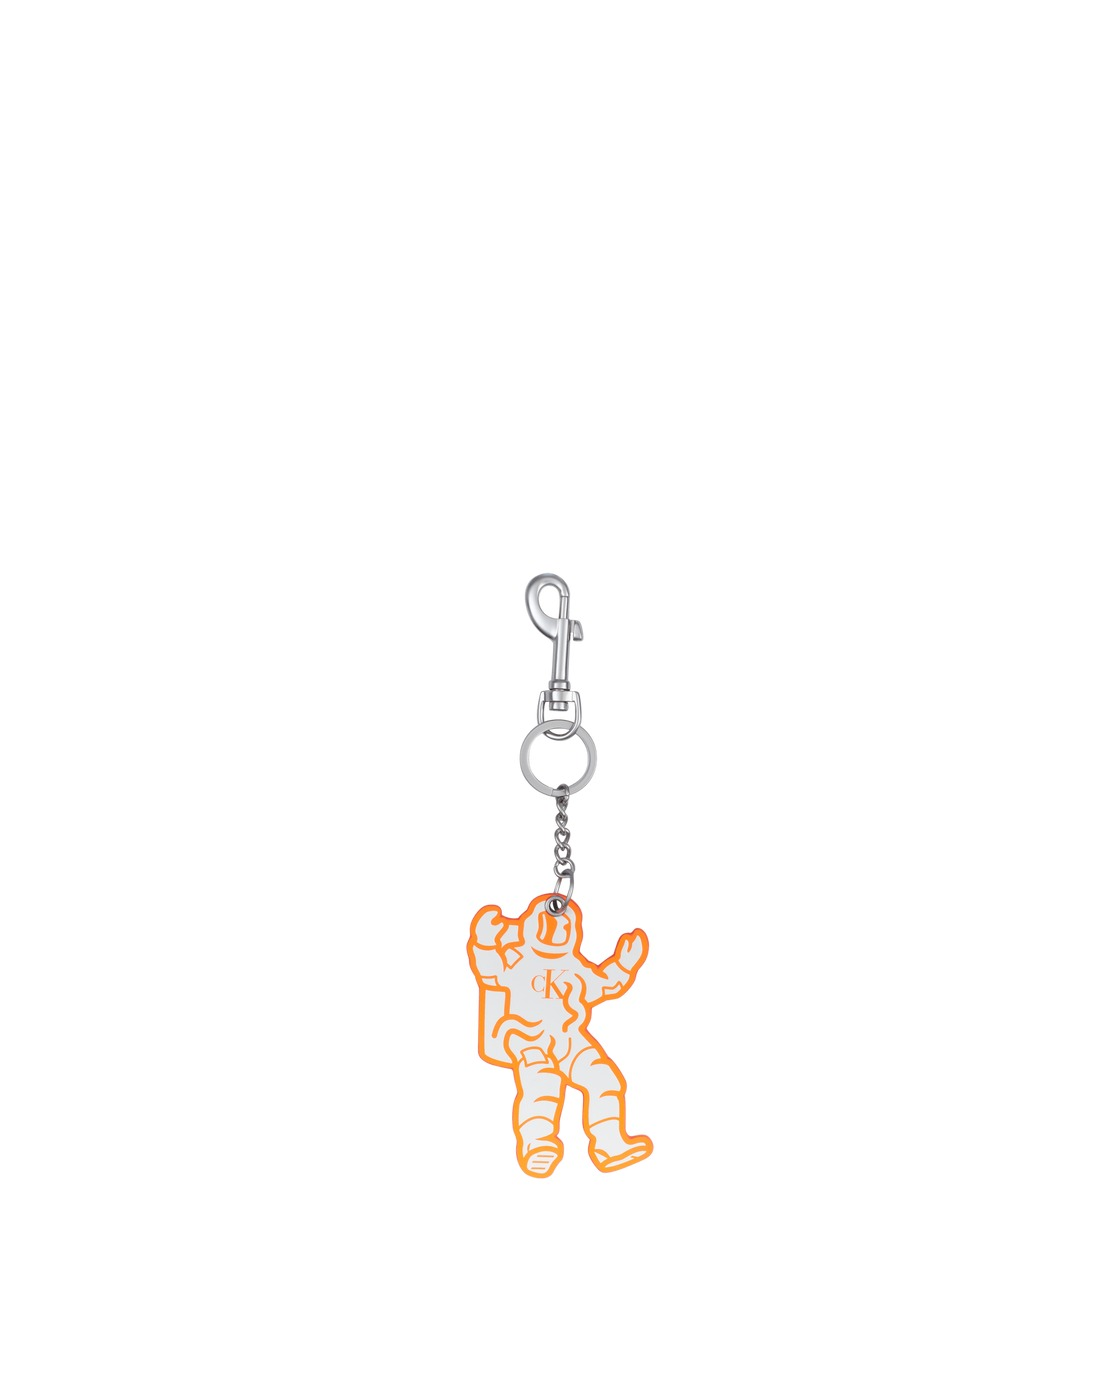 Photo: Calvin Klein Est. 1978 Astronaut Keychains Fluoro Orange